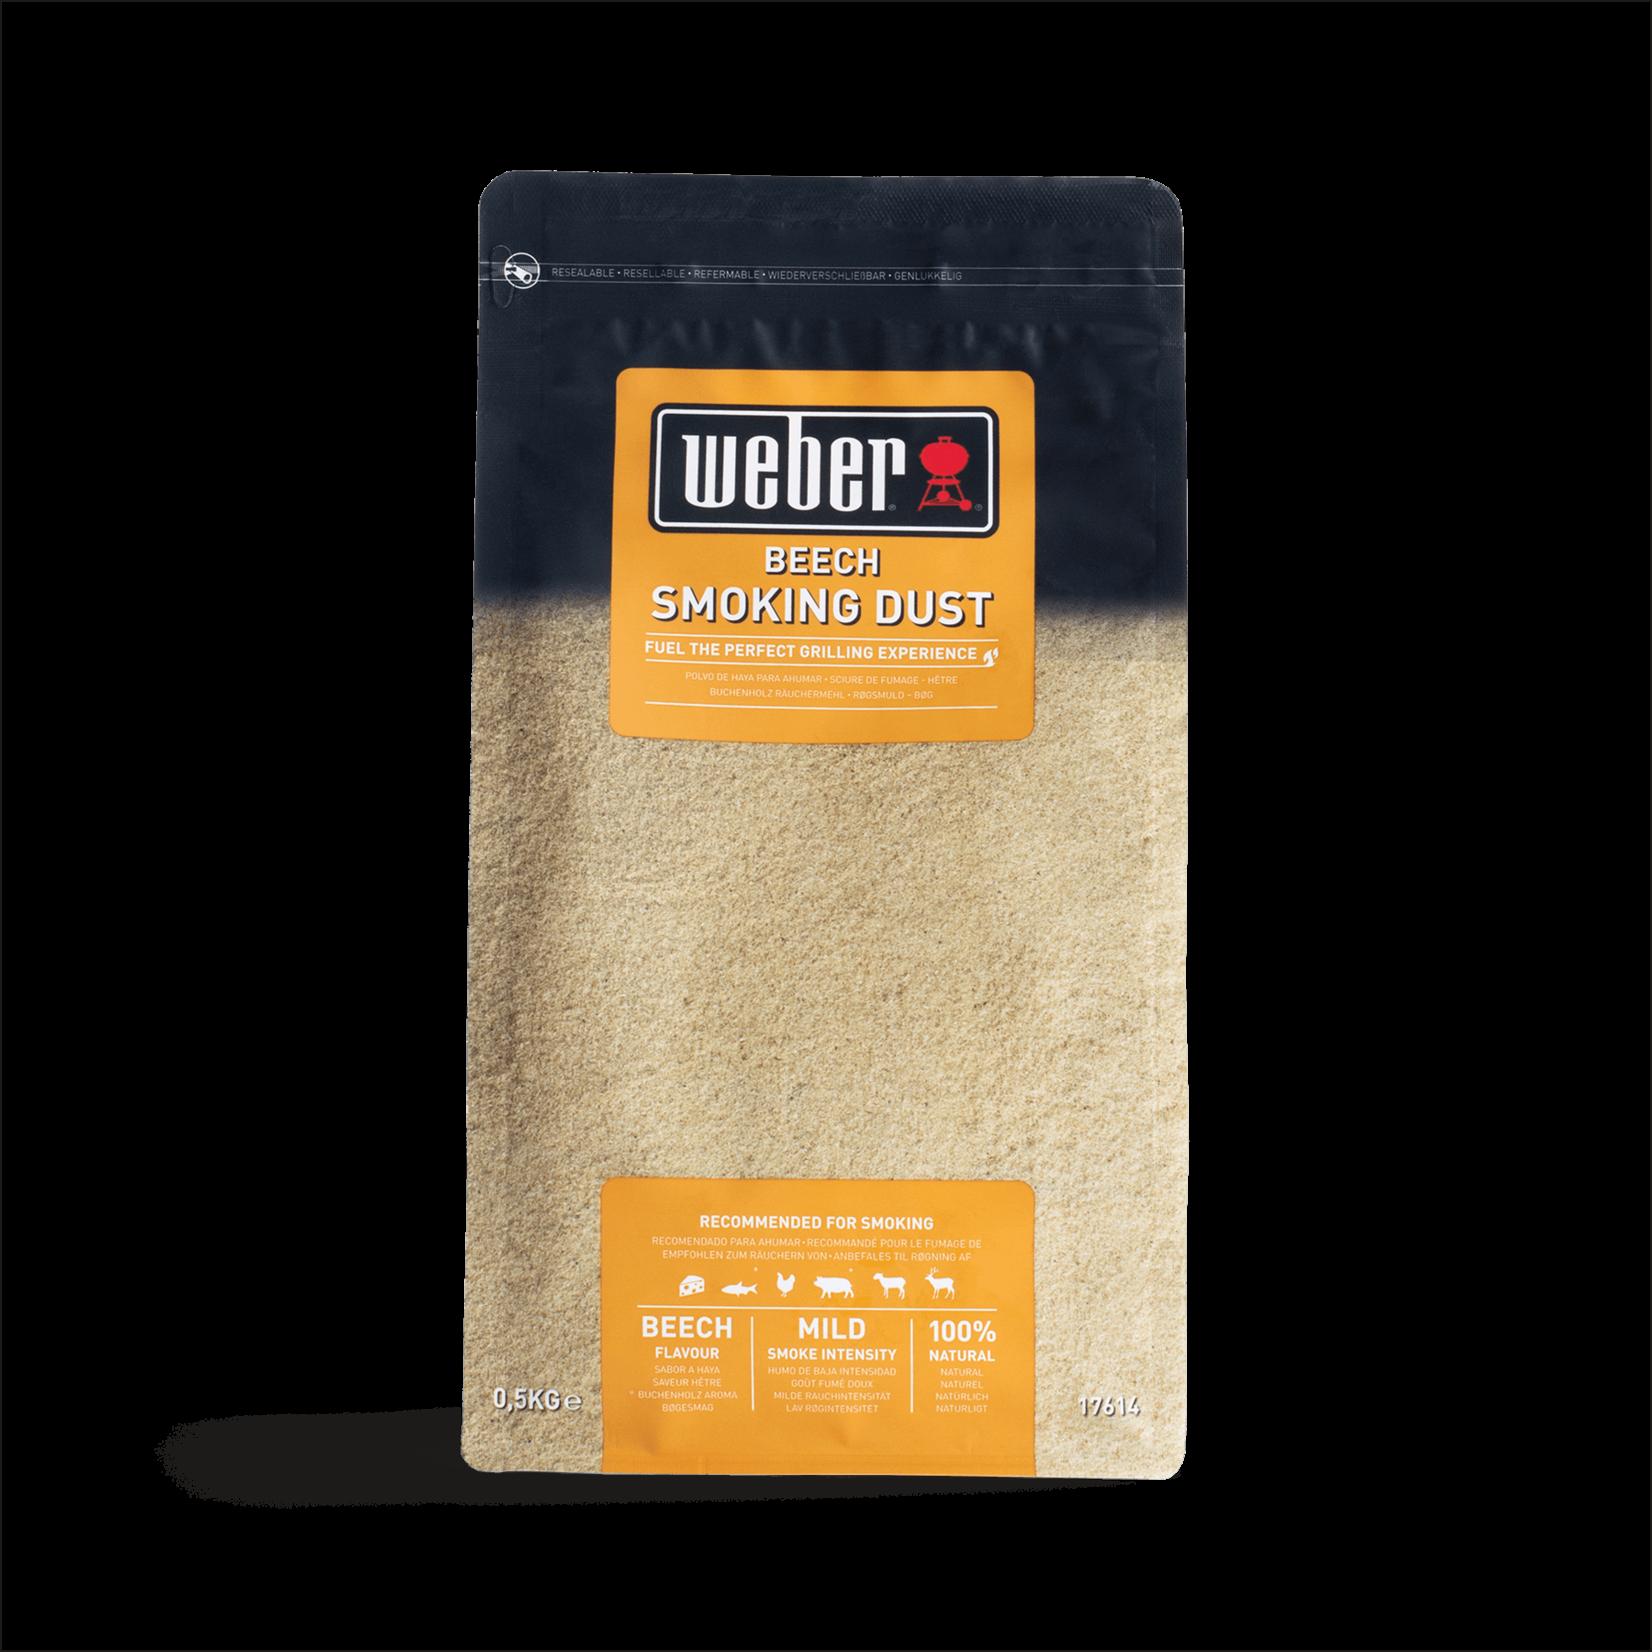 Weber Weber® smoking dust beech